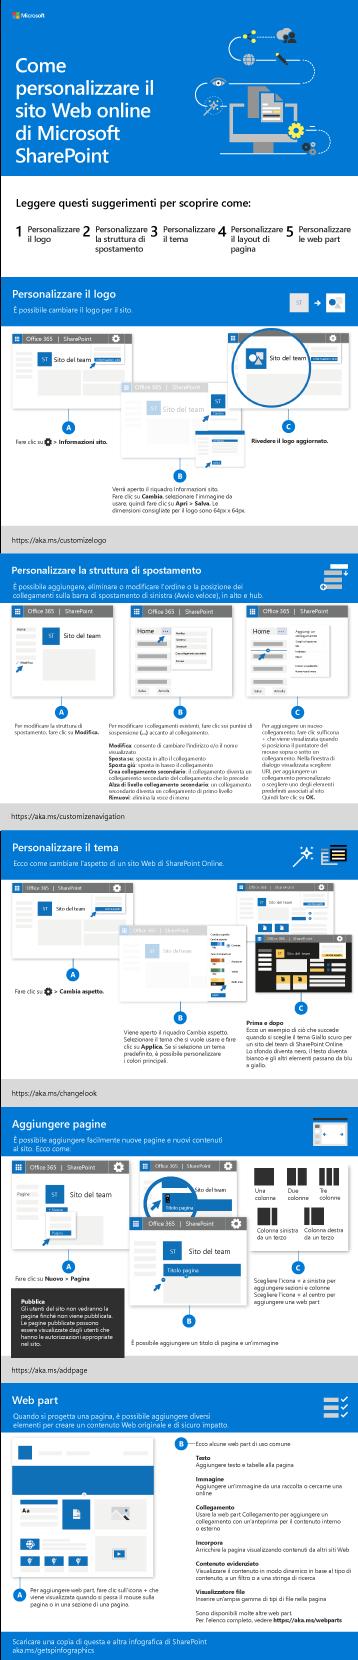 Personalizza il sito di SharePoint